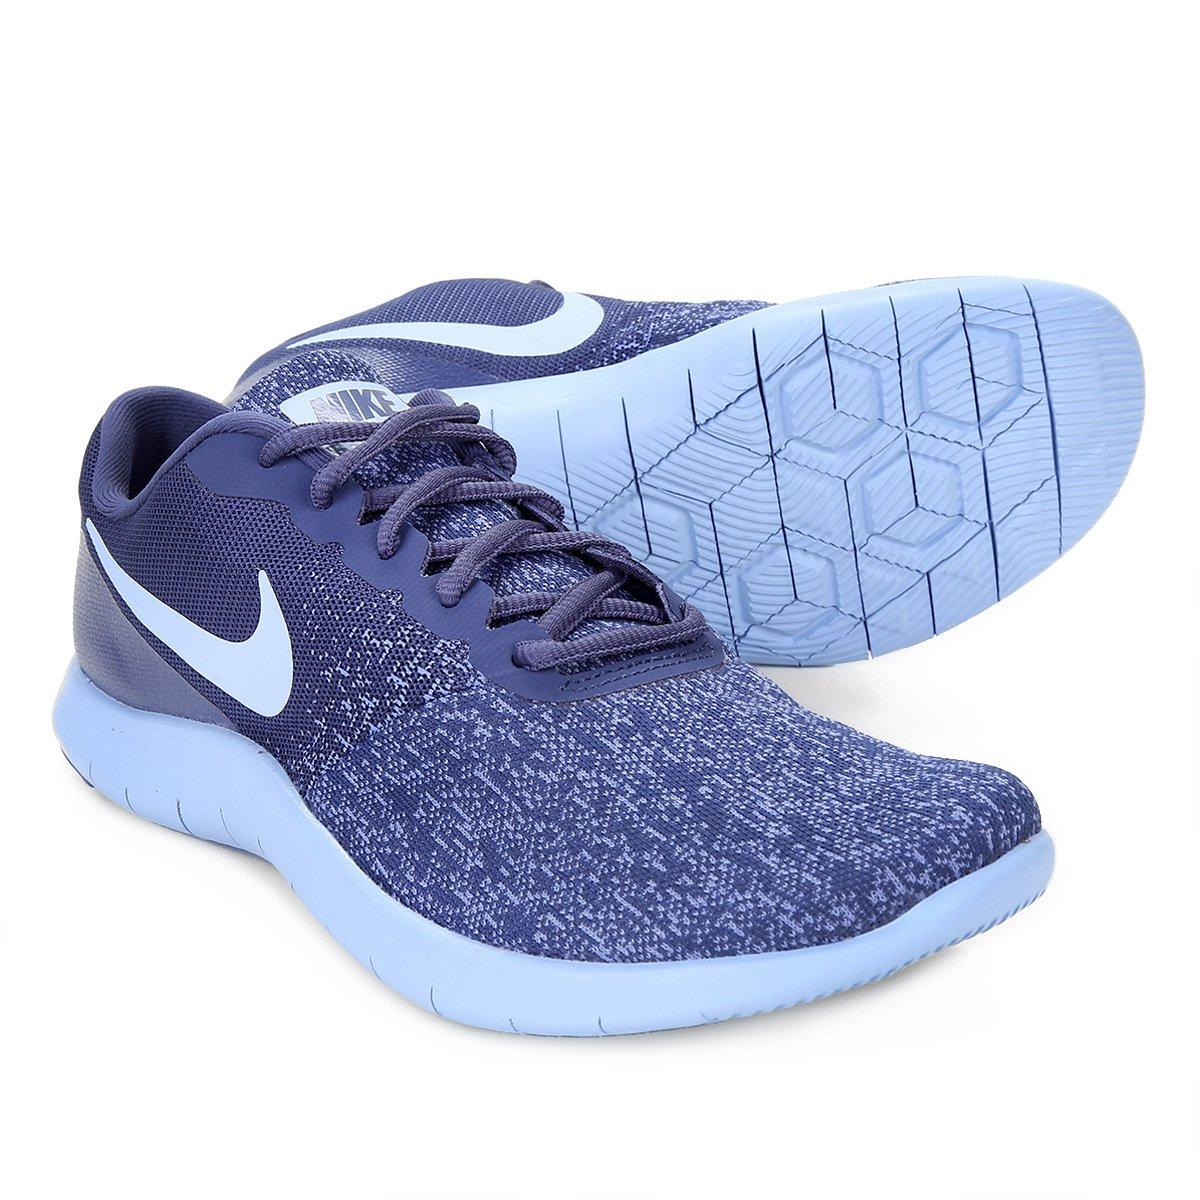 9749e3b0ef Tênis Nike Flex Contact Feminino - Azul e Roxo - Compre Agora